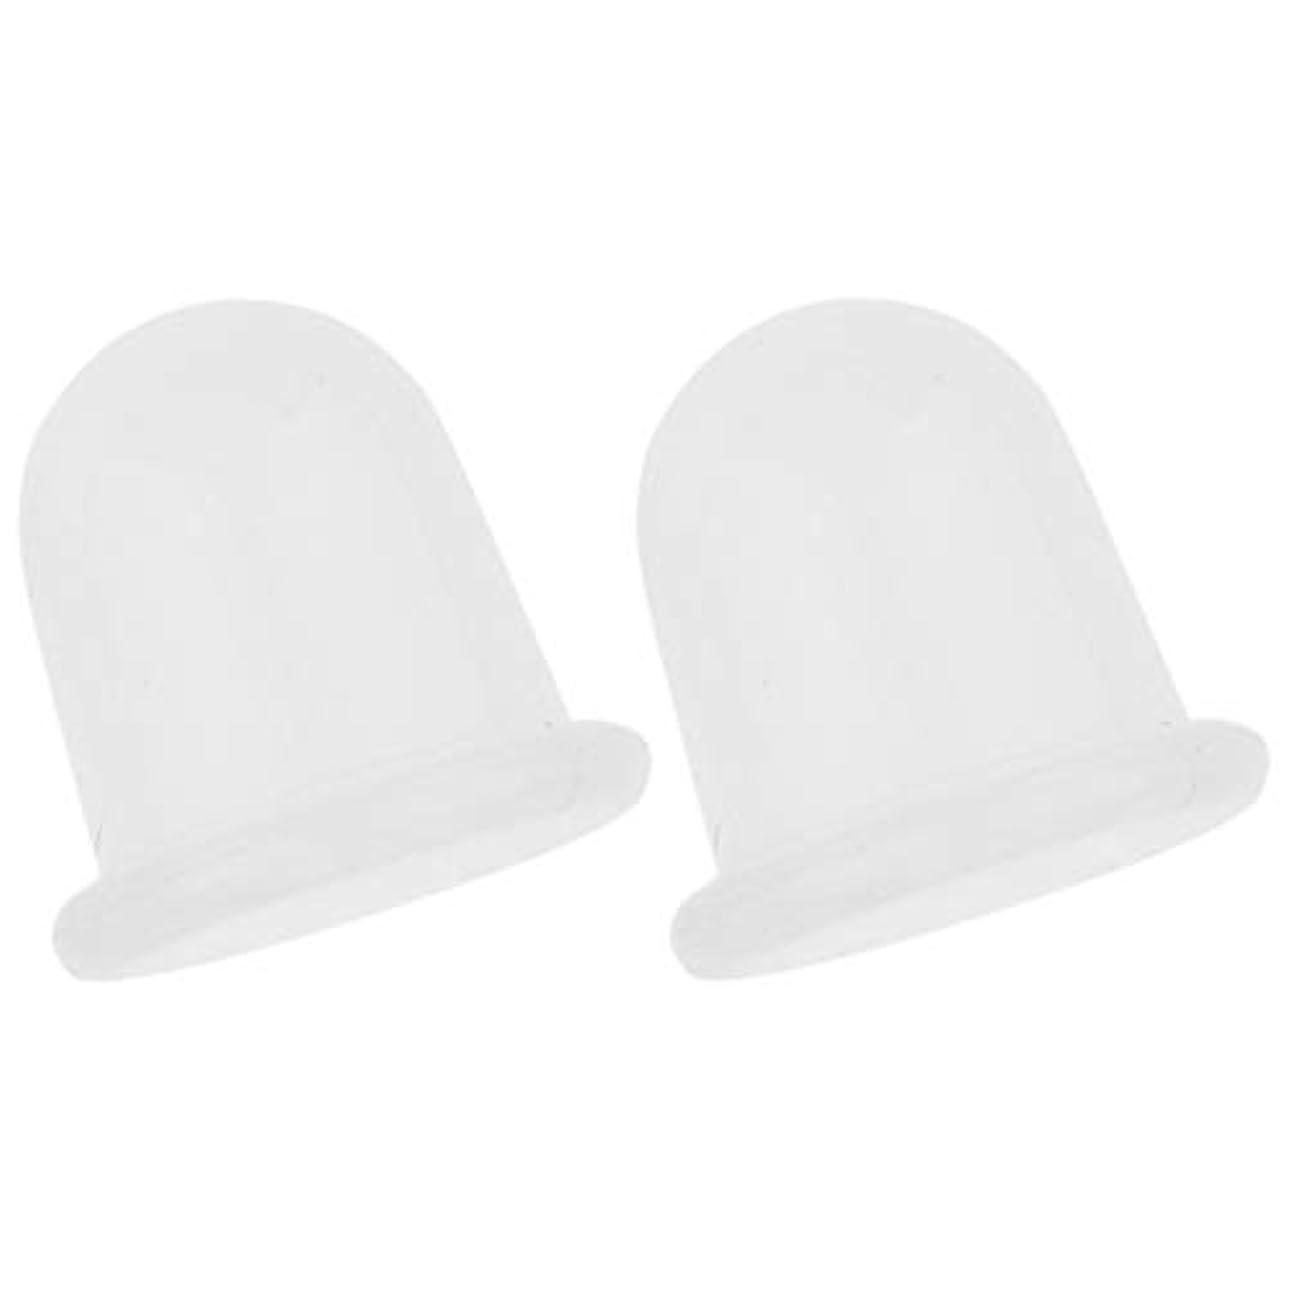 更新するプロトタイプ会計真空カッピングカップ マッサージカップ 吸い玉 シリコーン 頚部 背中 胸 マッサージ 2個入り